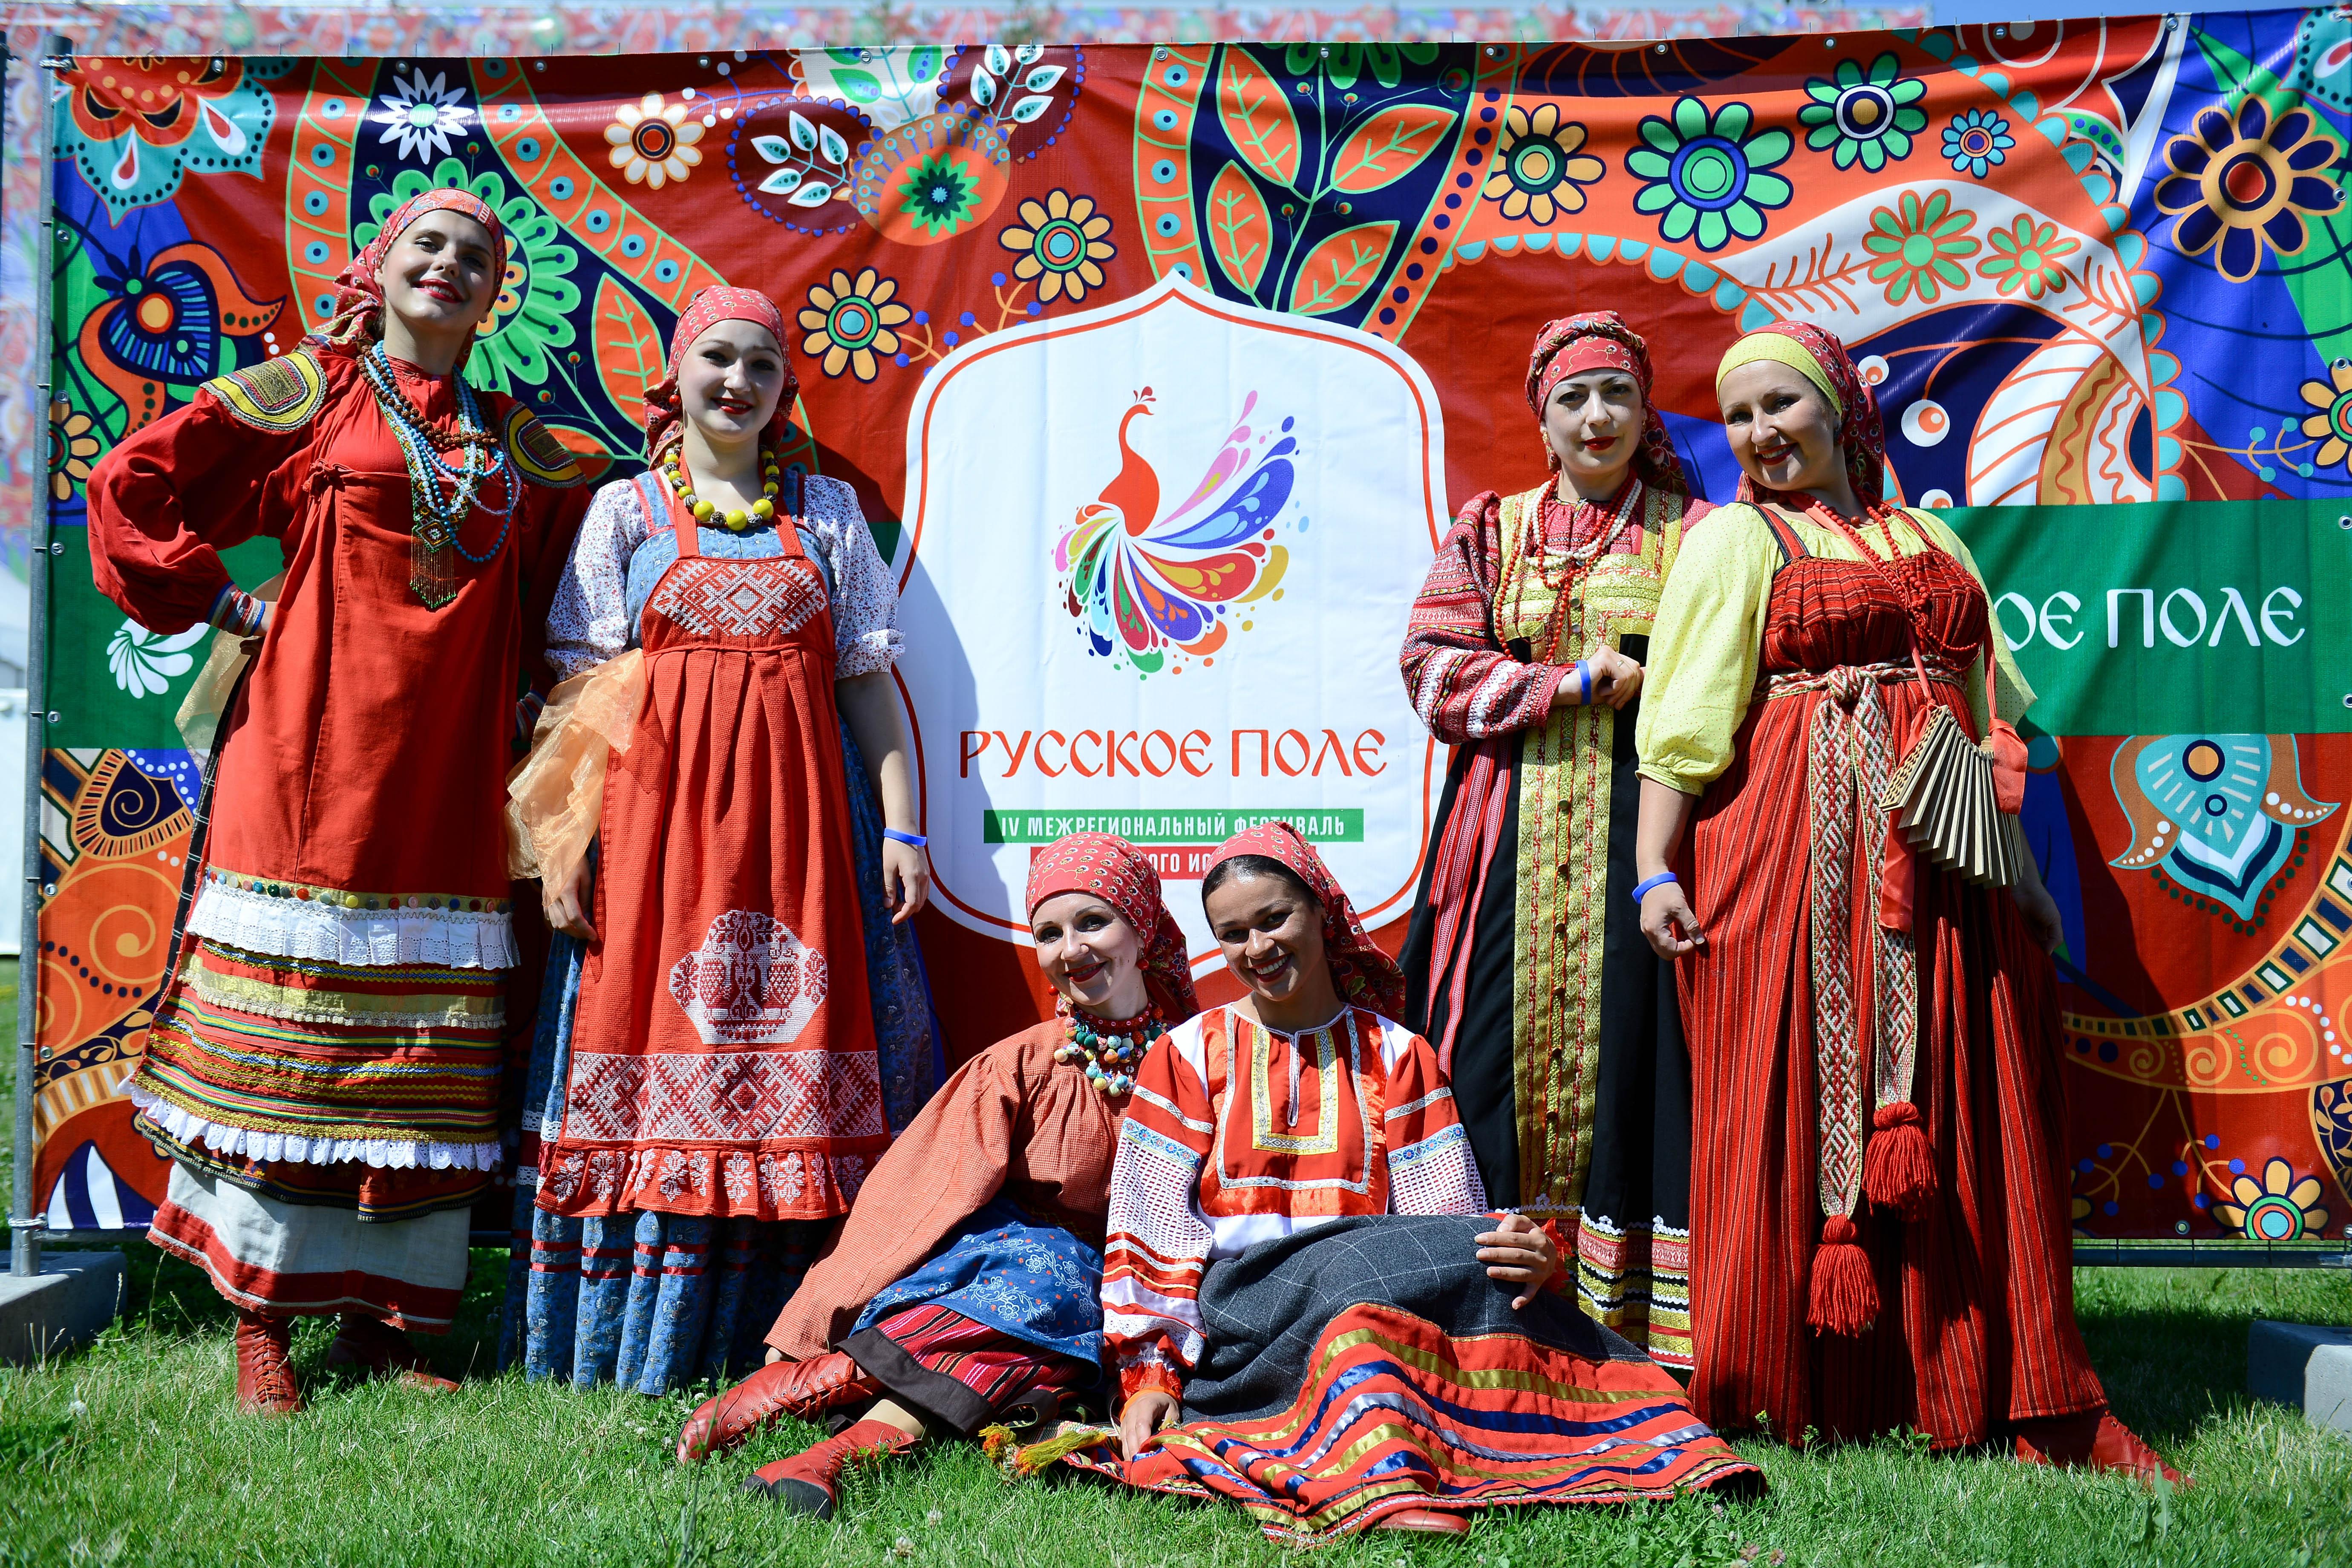 Межрегиональный фестиваль славянского искусства объединит страны